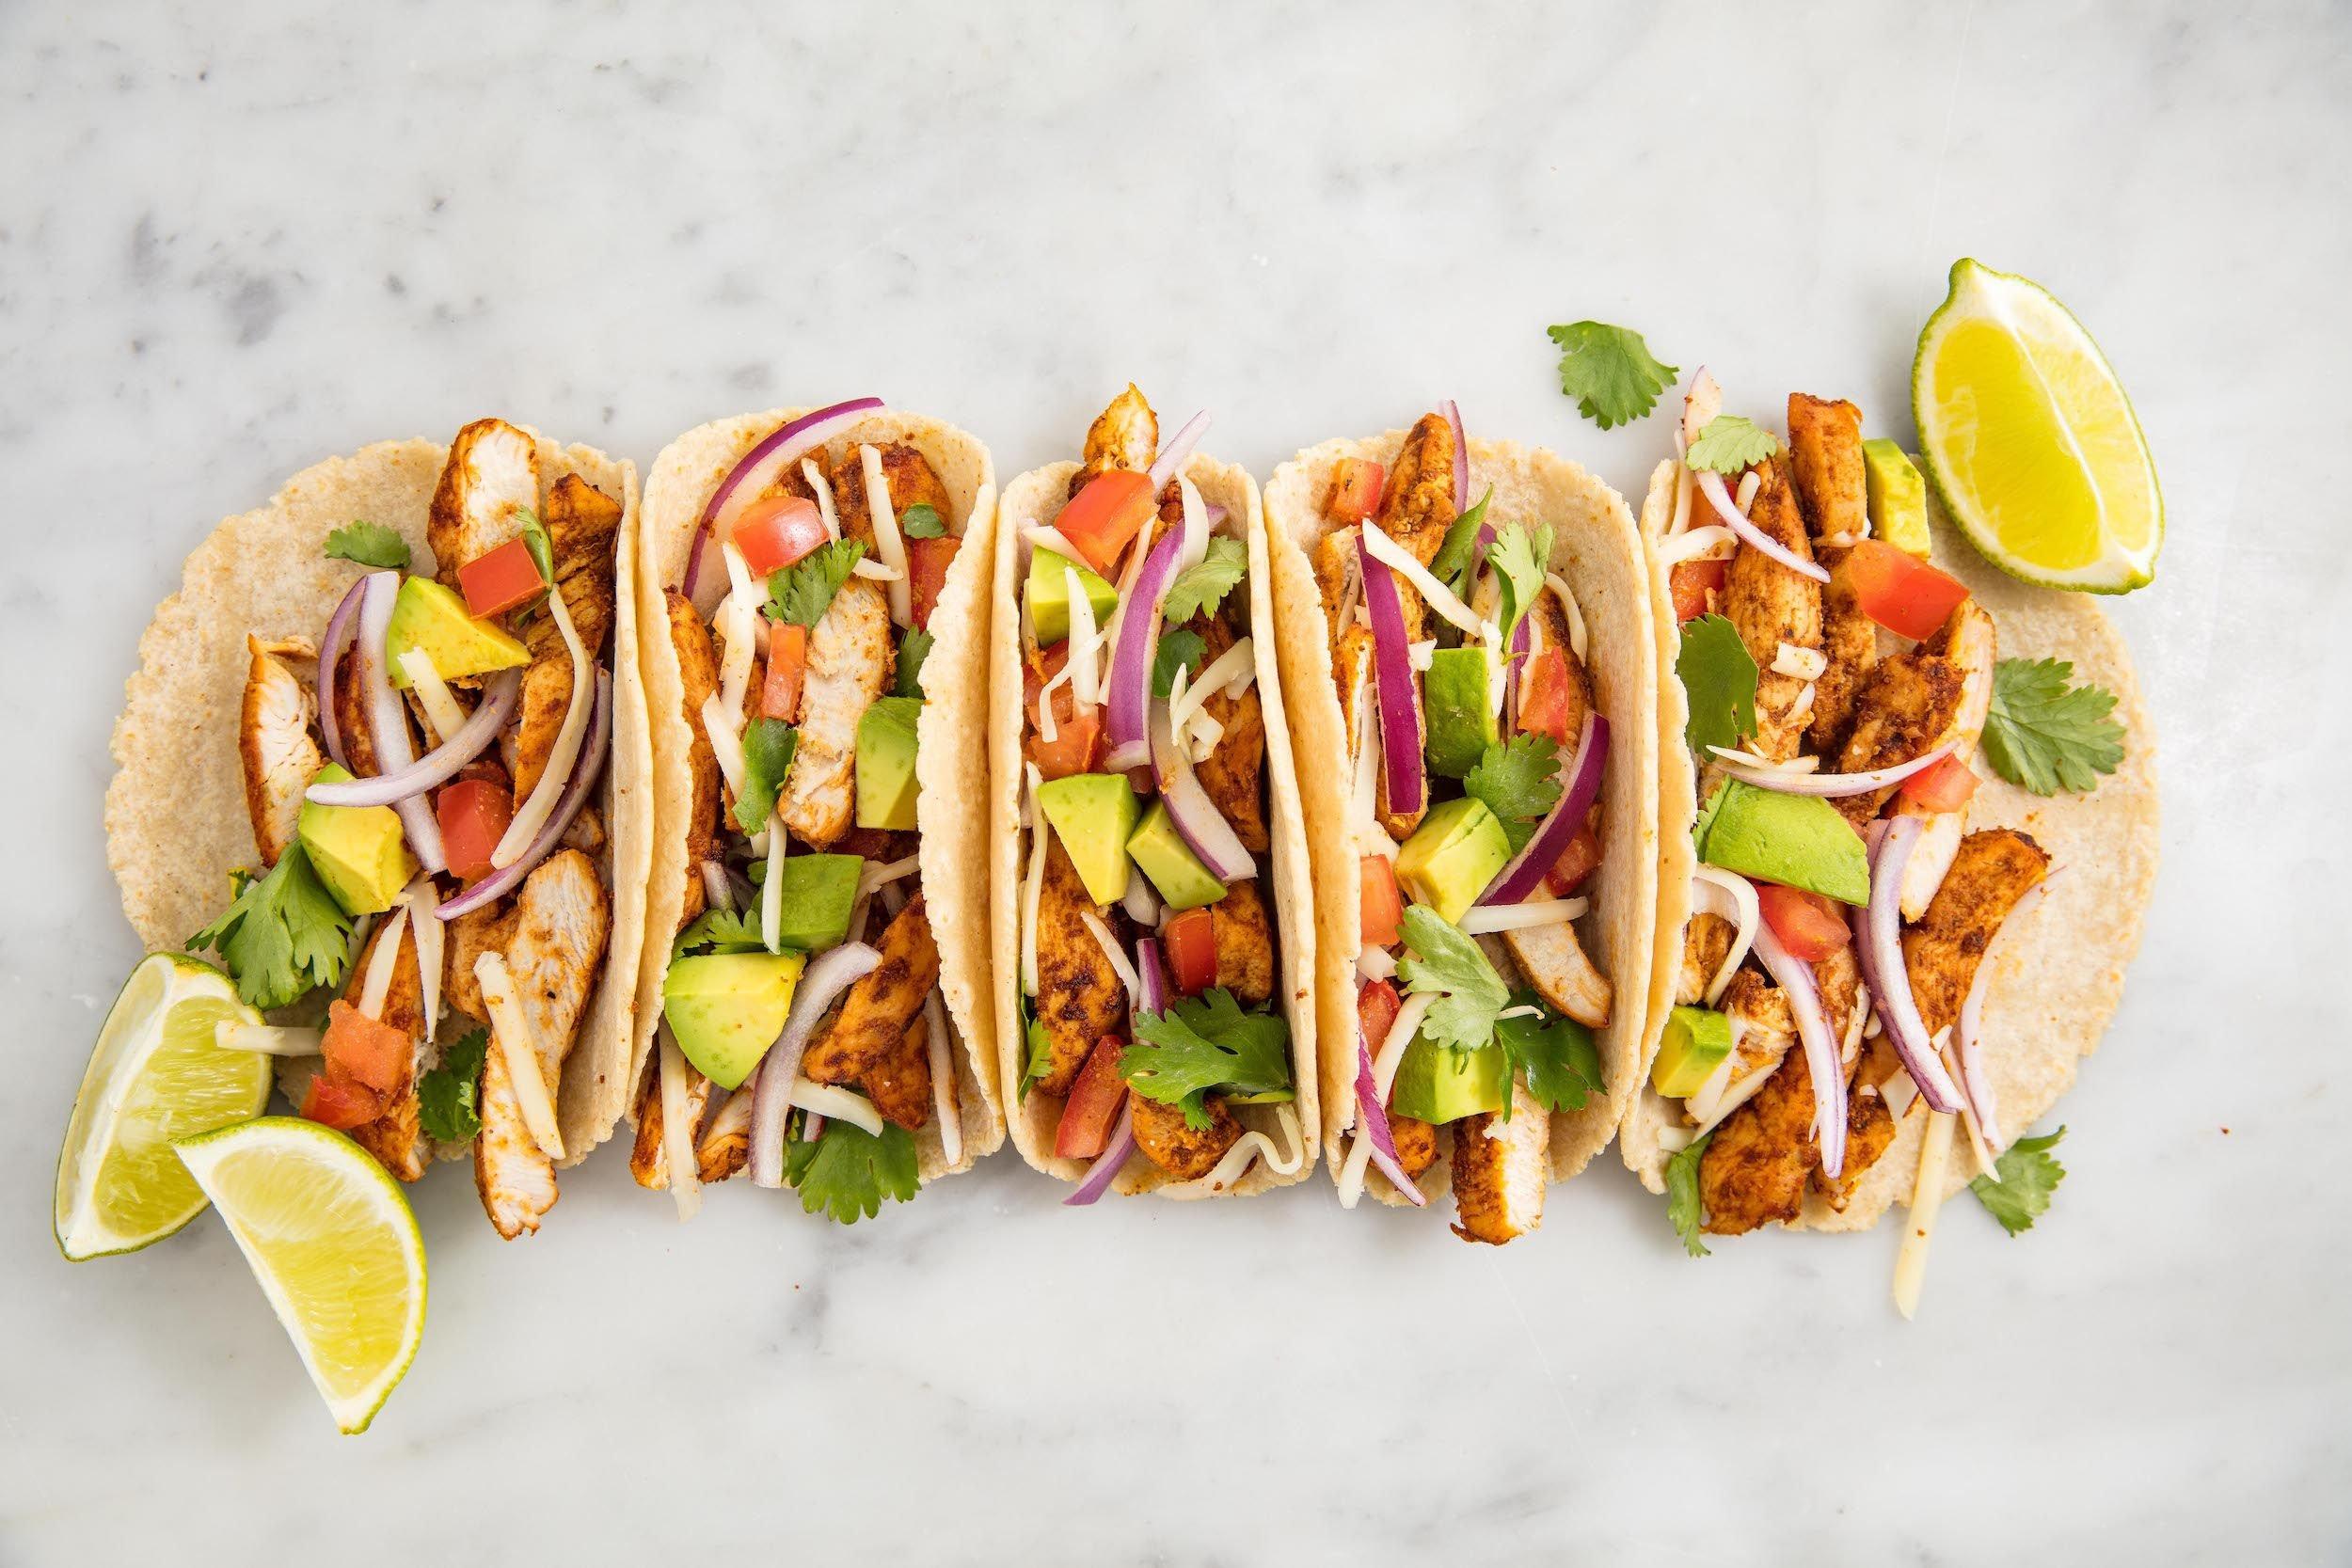 leichtes Abendessen mexikanisch Tacos